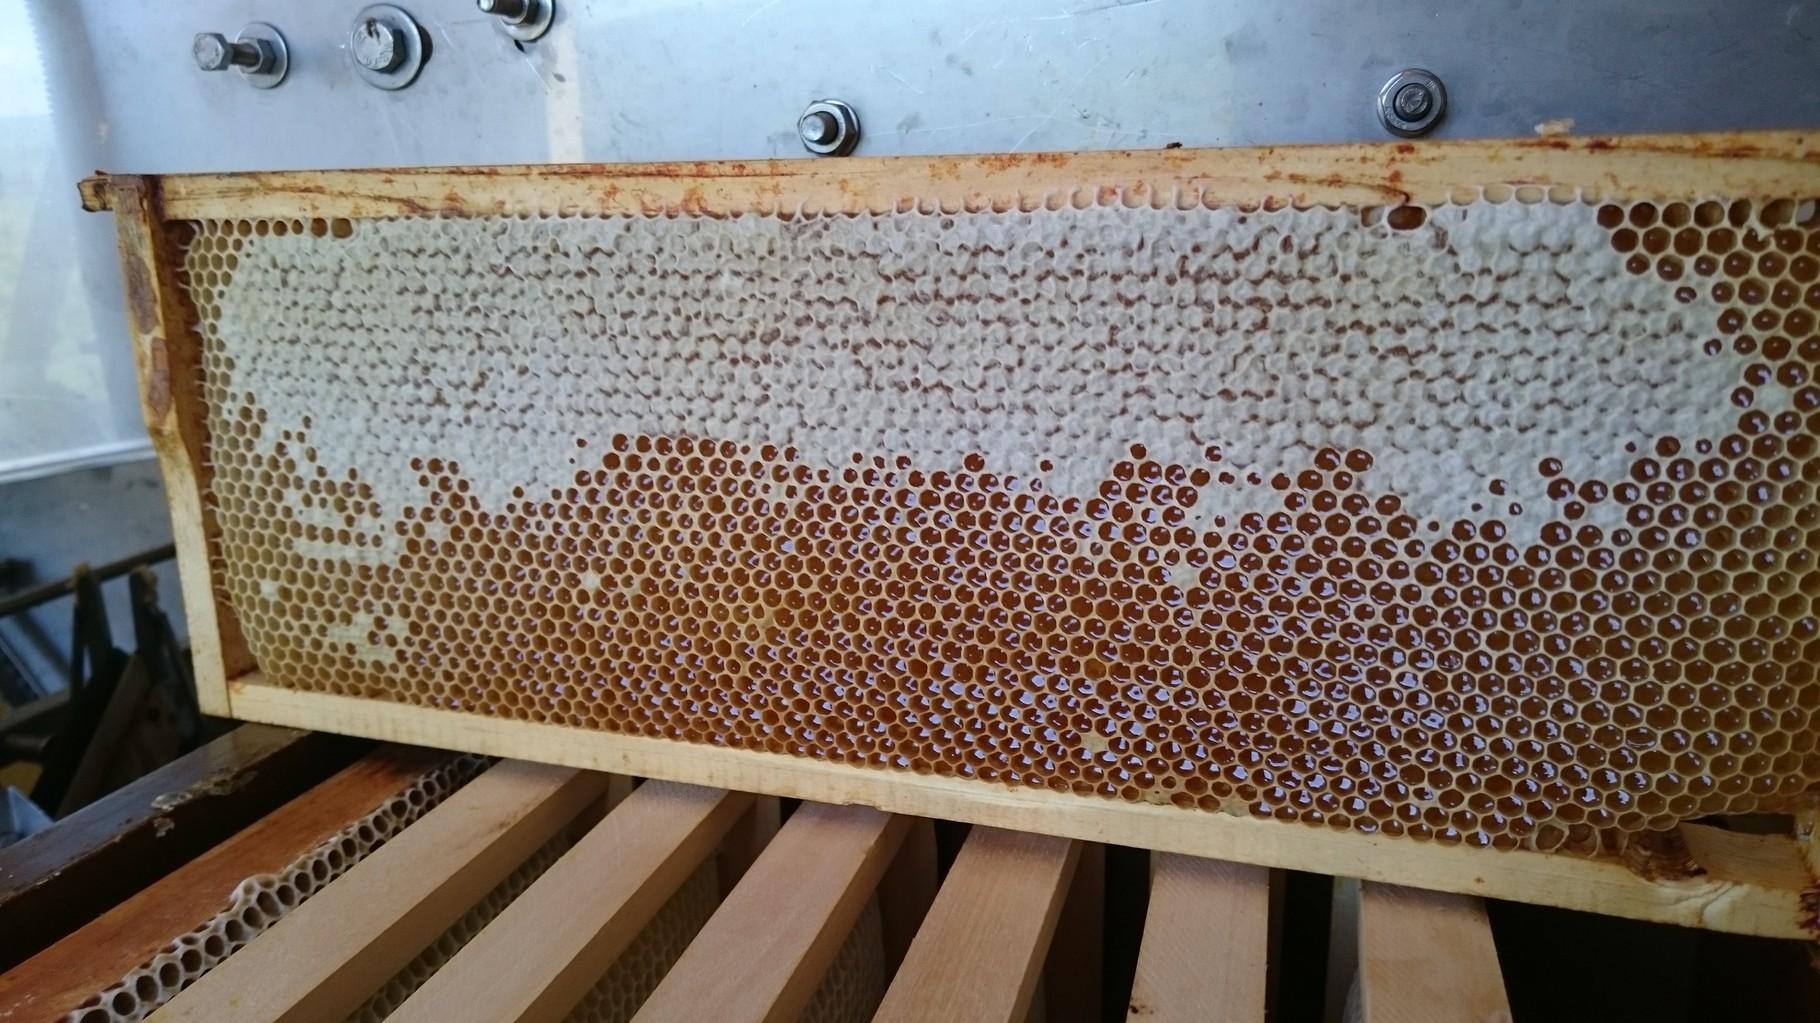 certaines alvéoles sont operculées - les abeilles ont fini leur travail